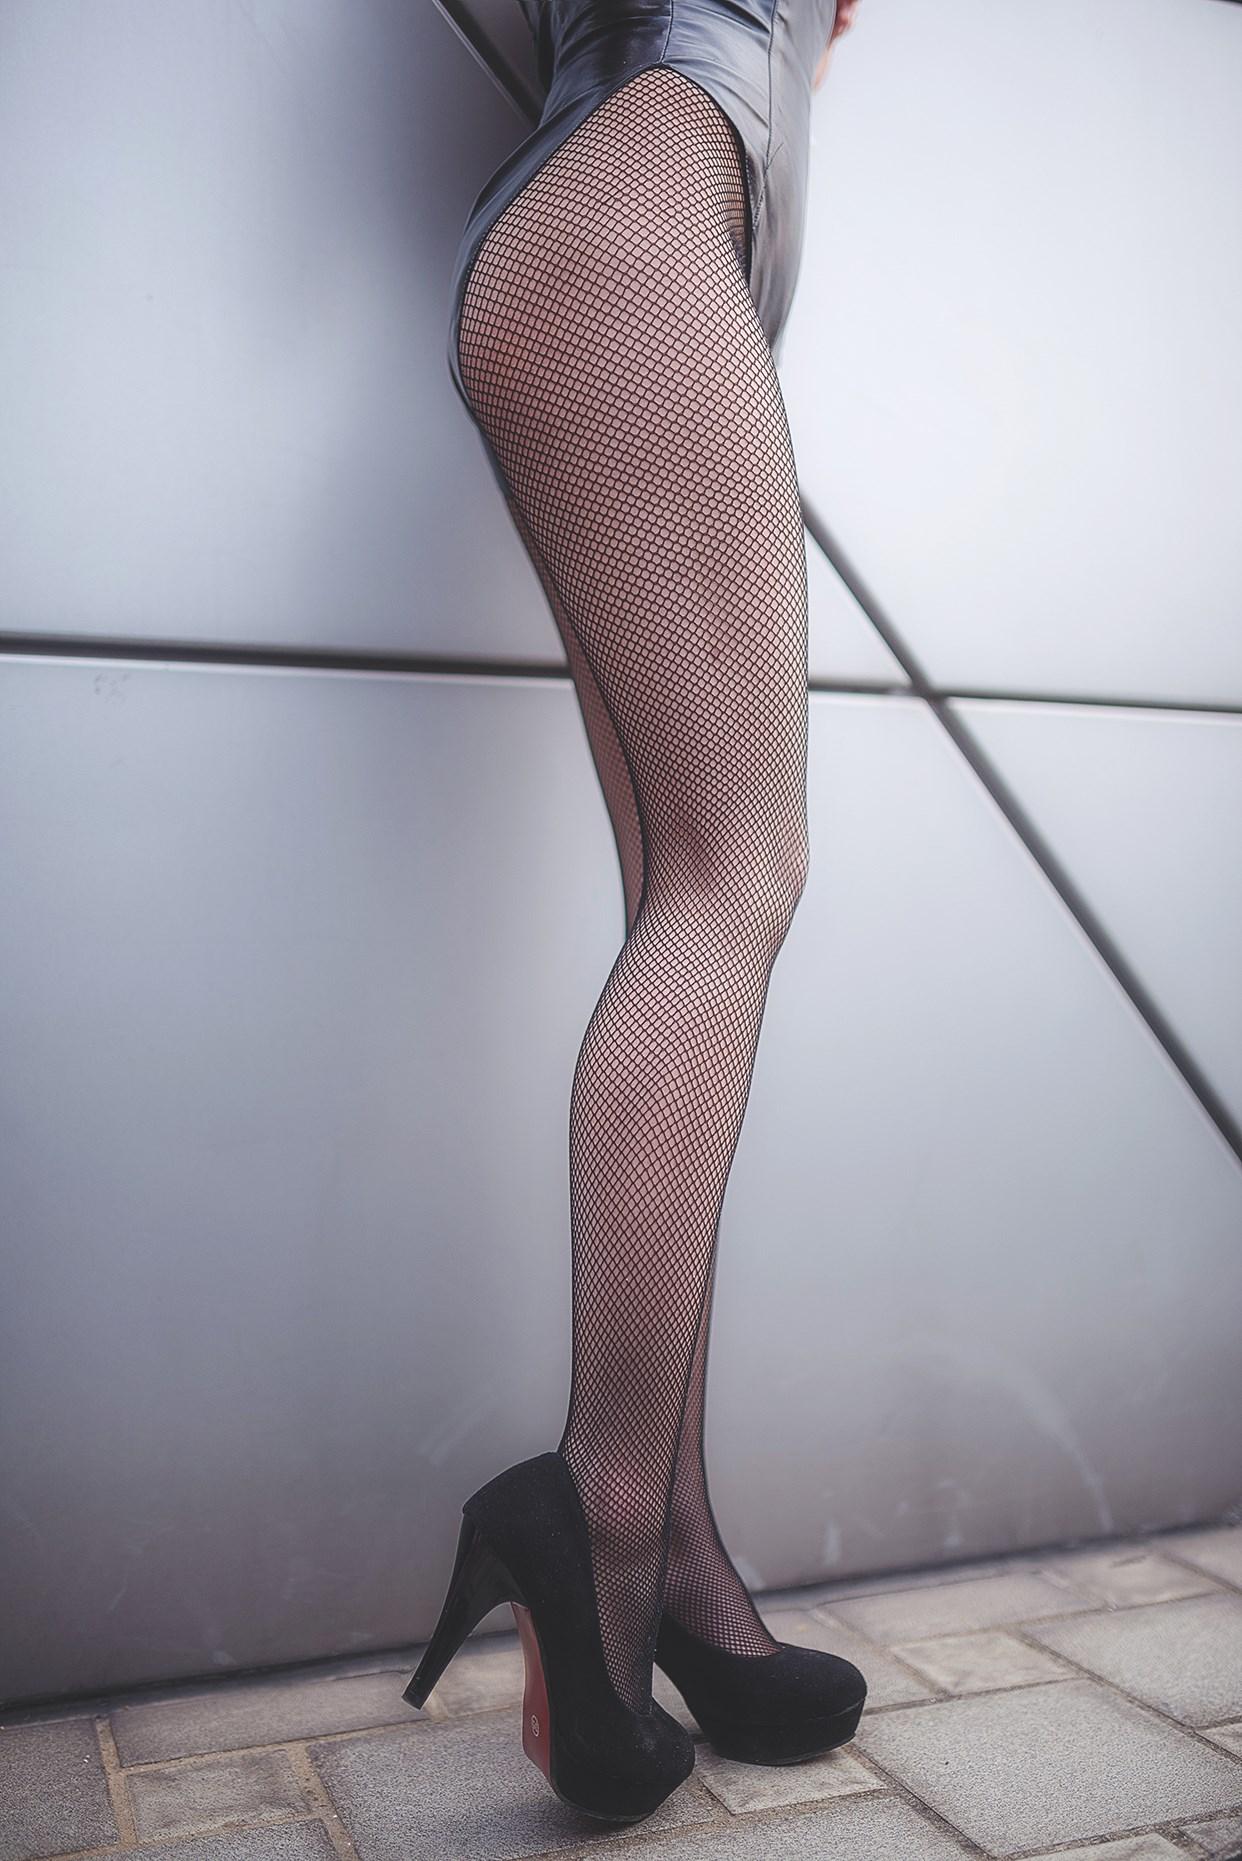 【兔玩映画】腿照福利合集2.0 兔玩映画 第31张